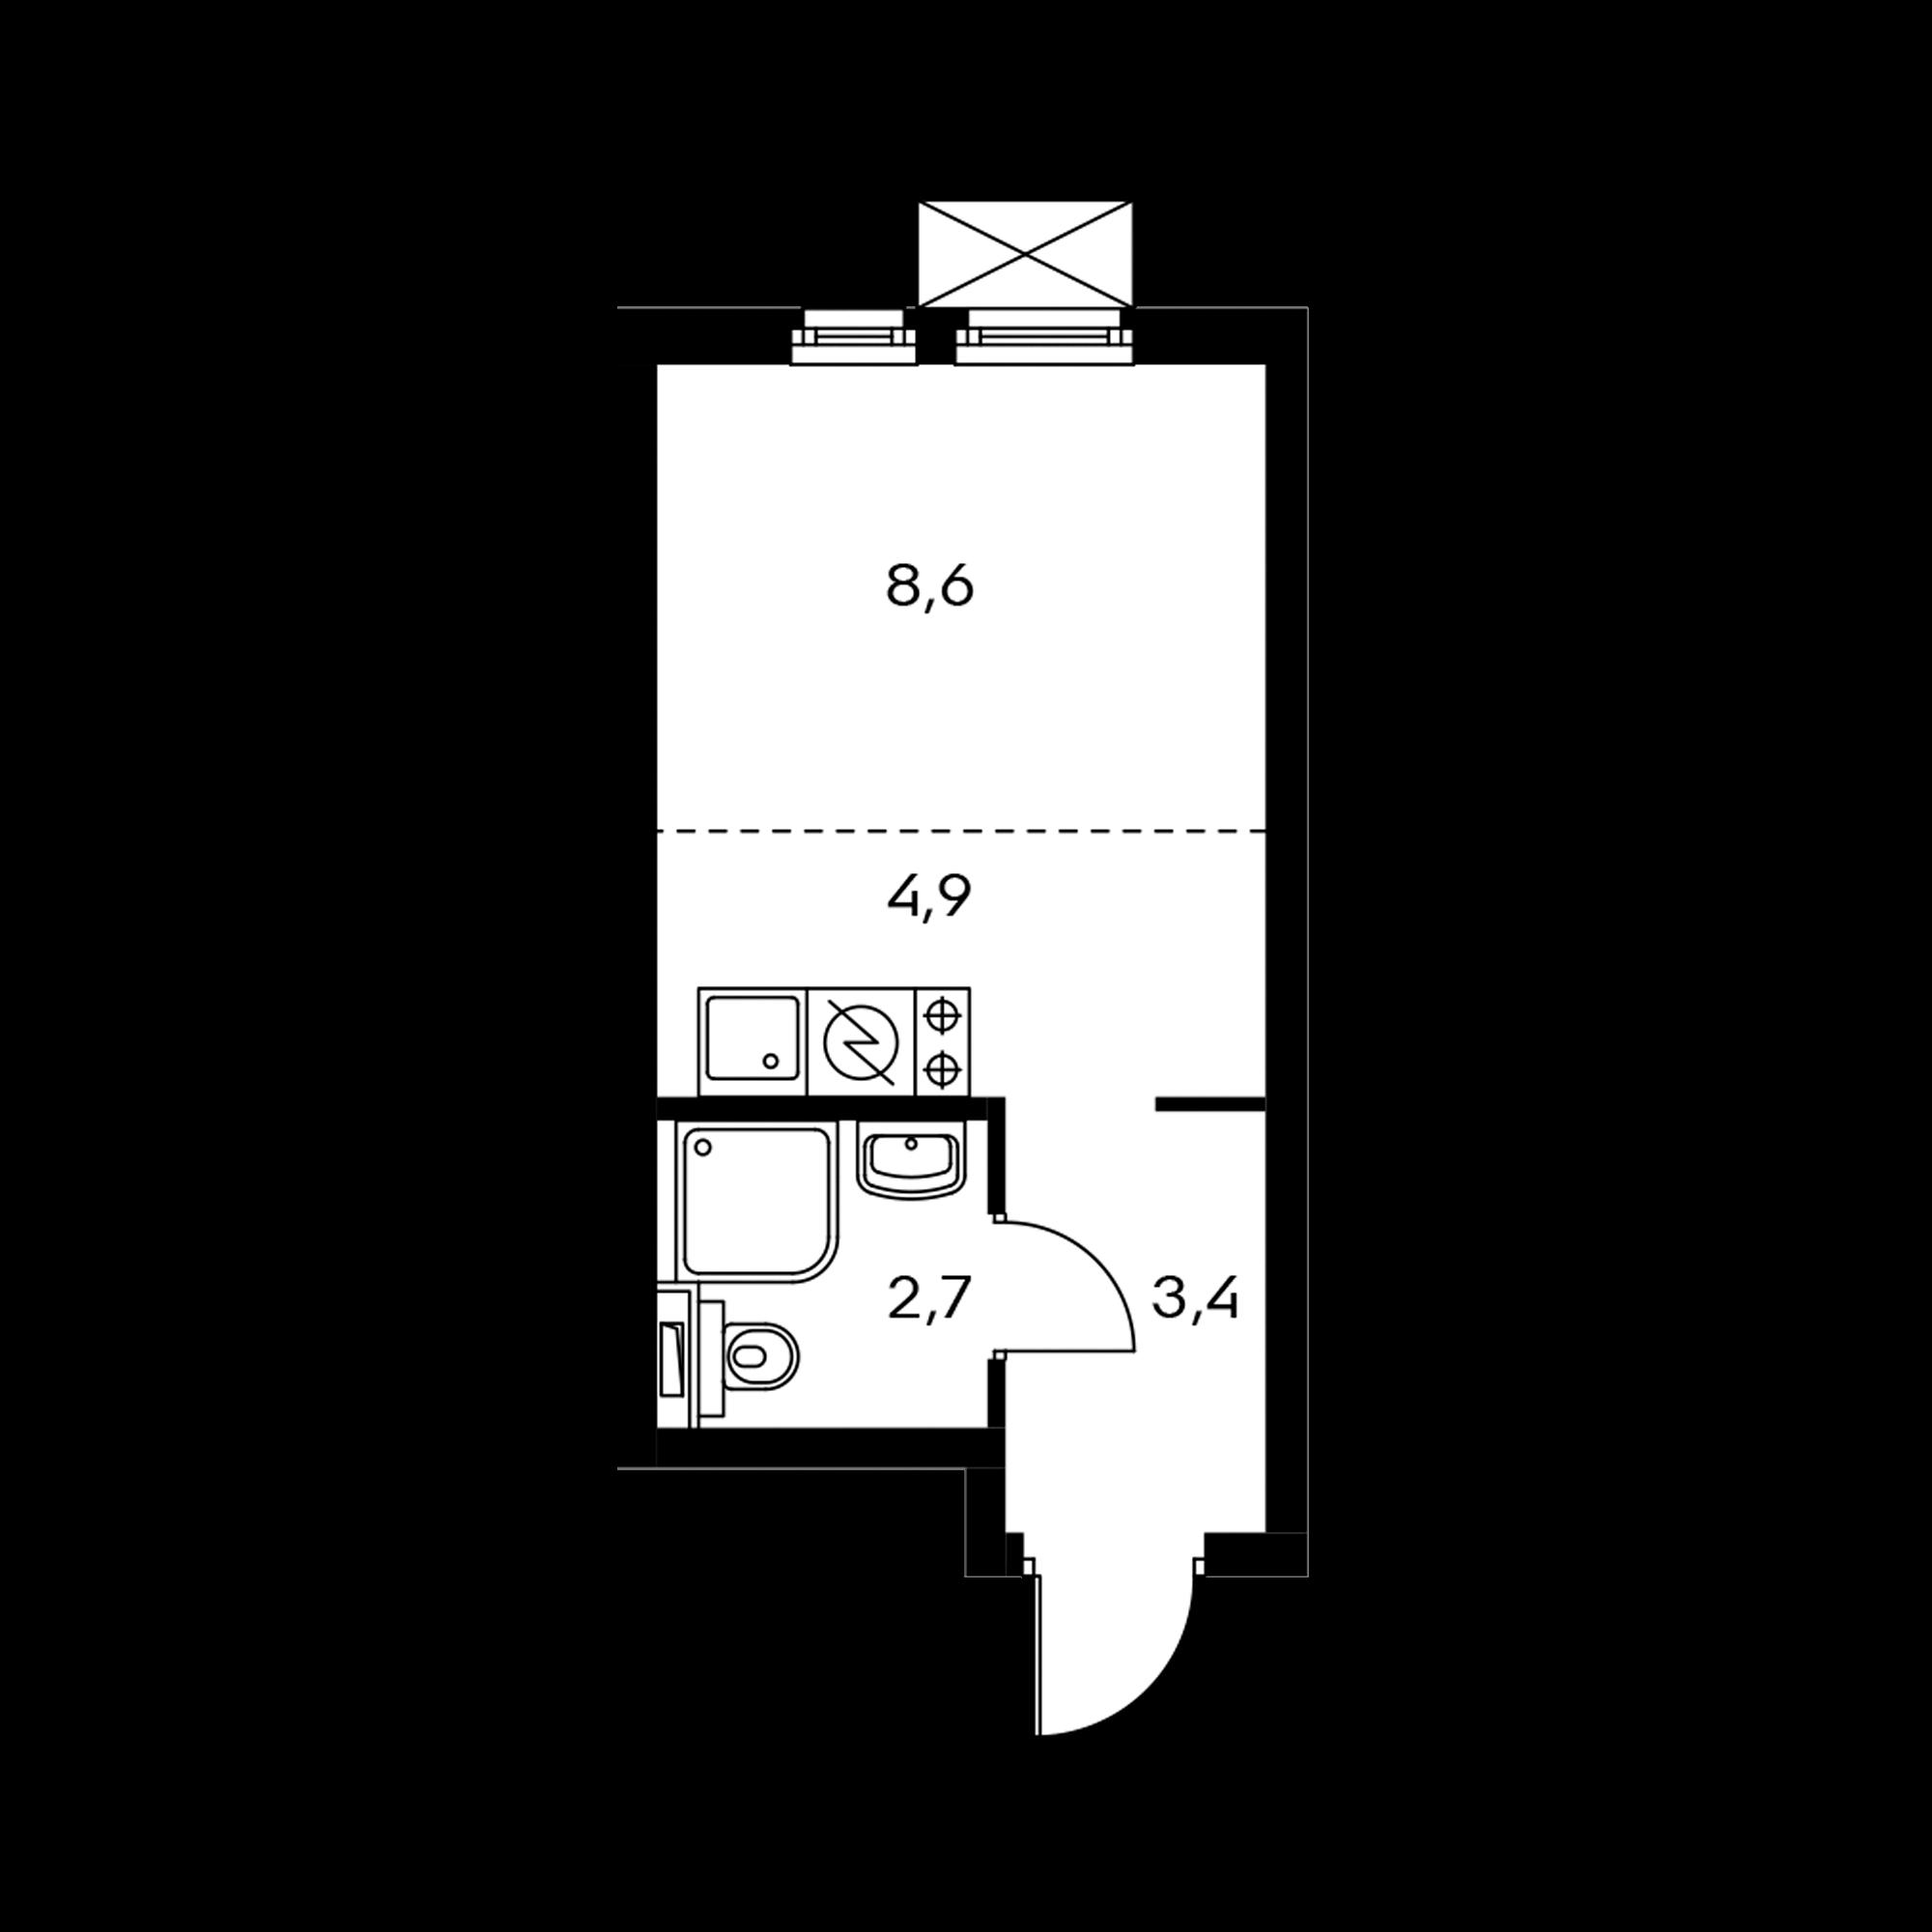 1NS1_3.6-1_S_A